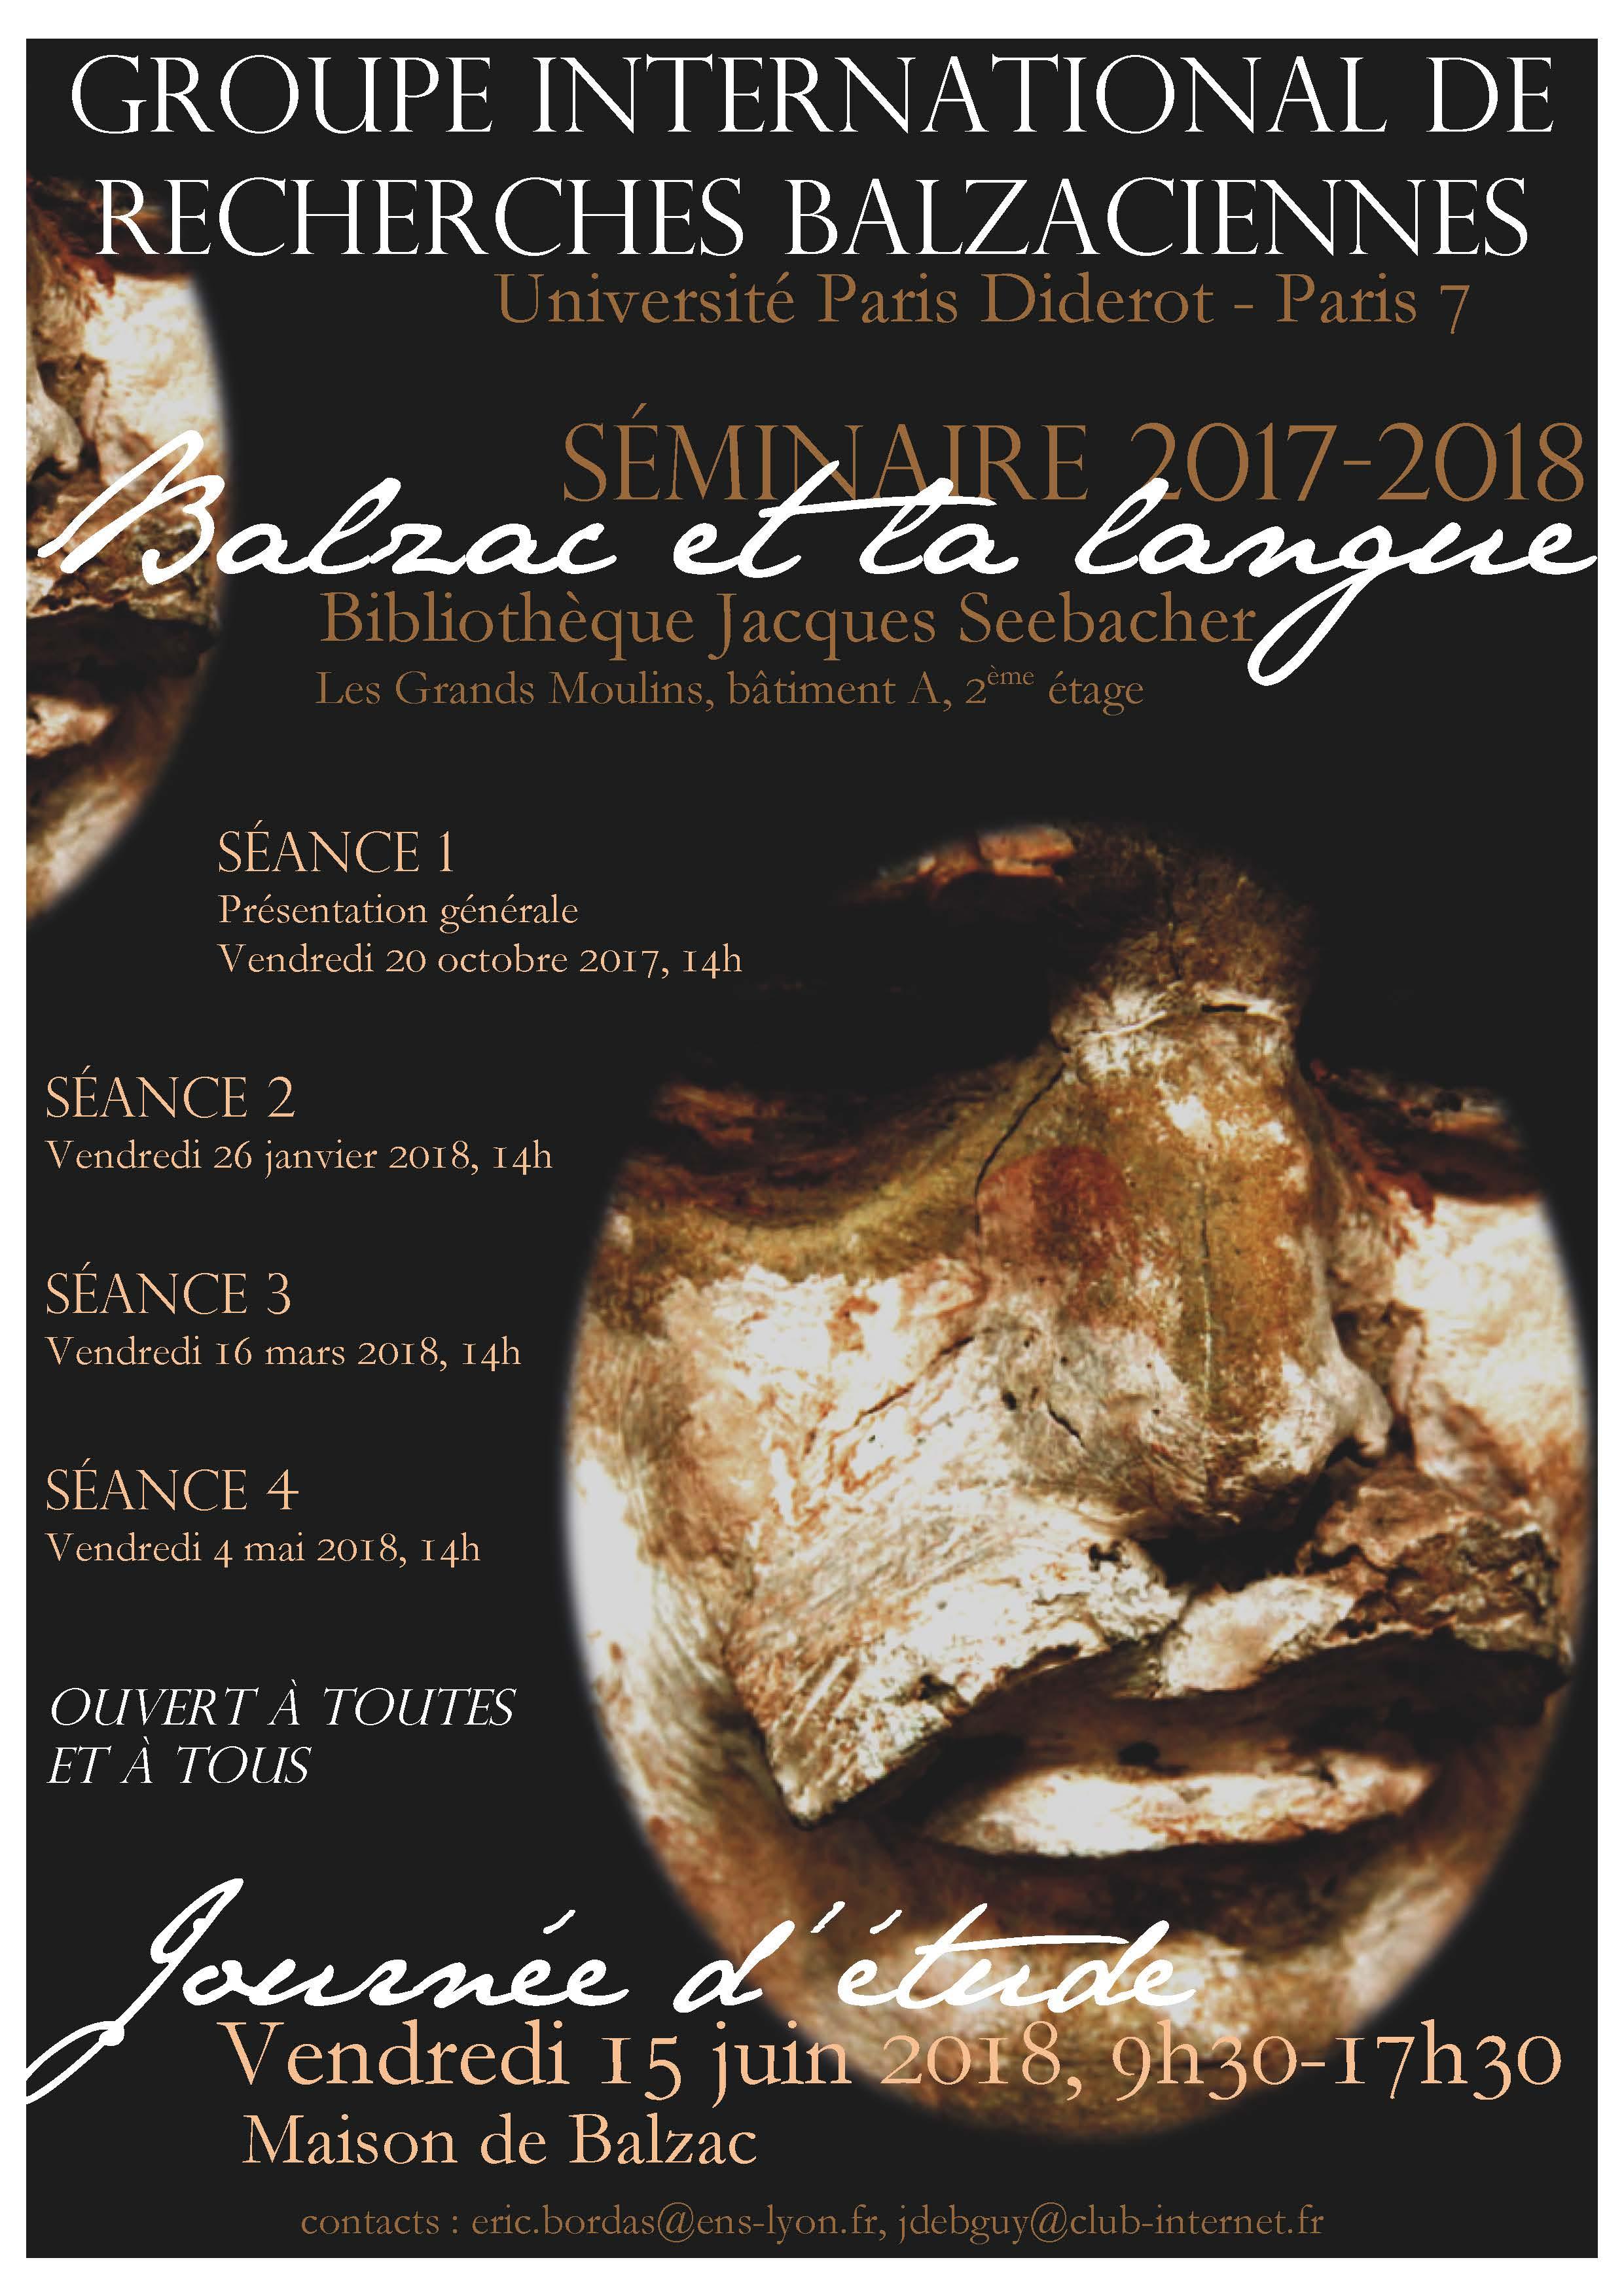 Affiche séminaire Balzac 2017-2018